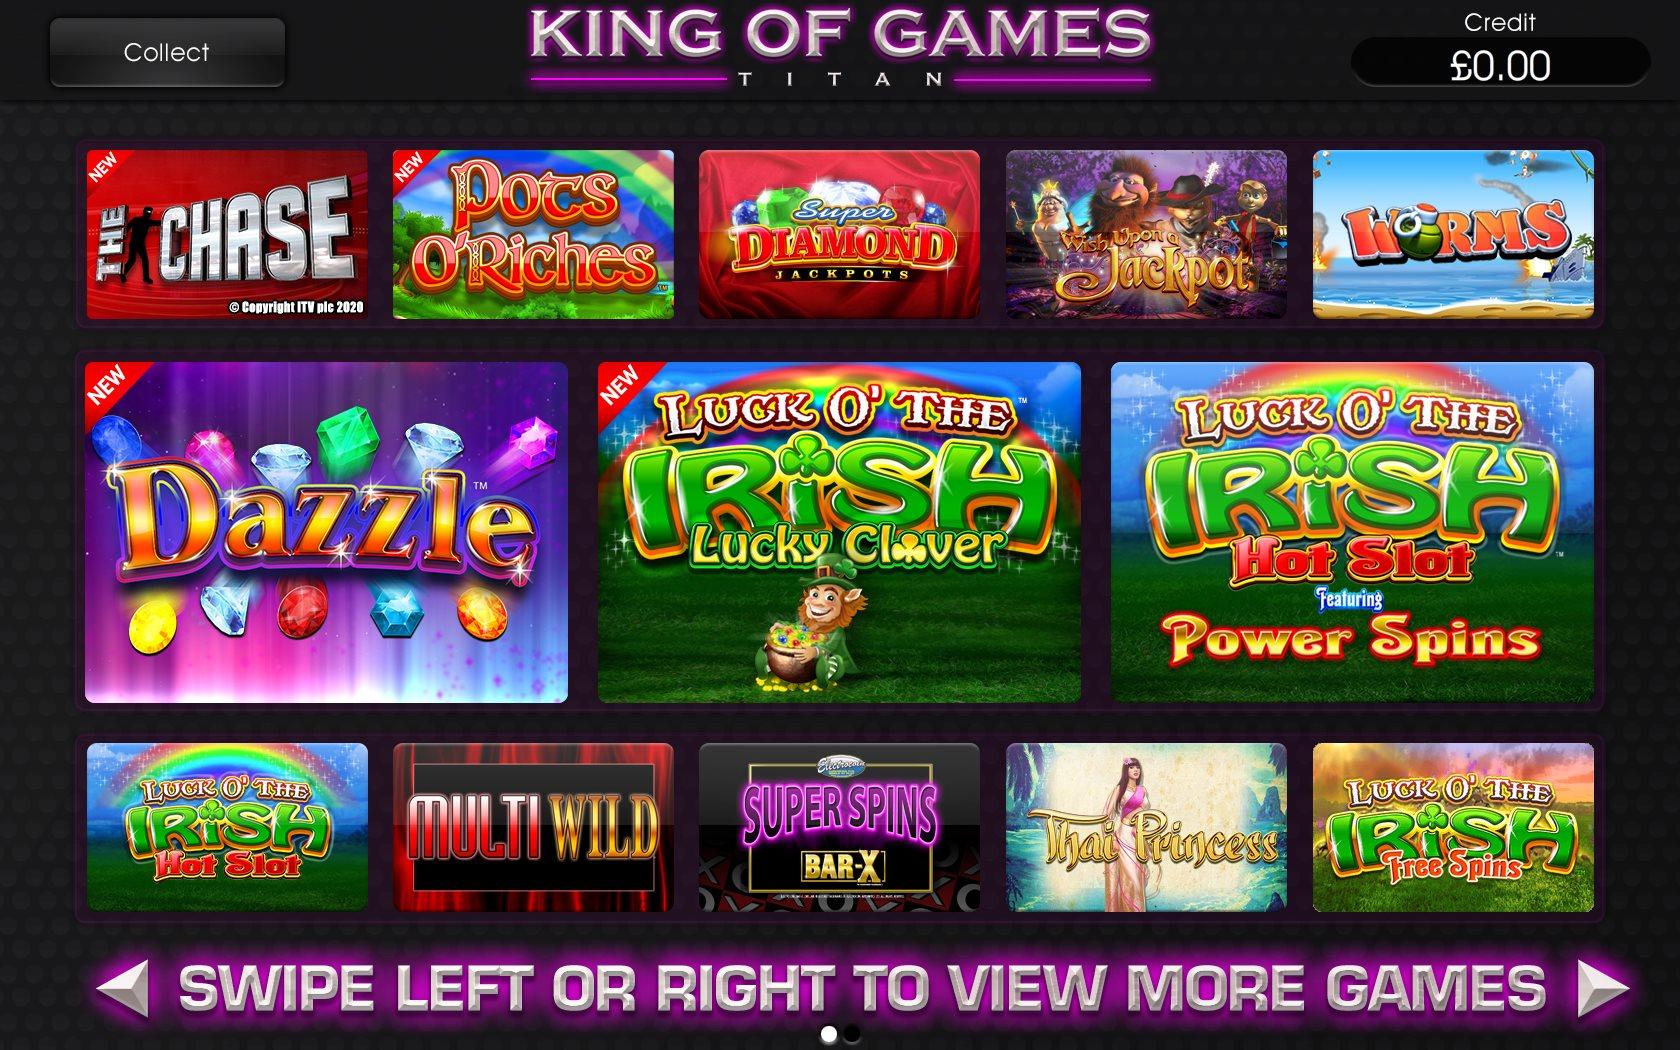 King Of Games Titan